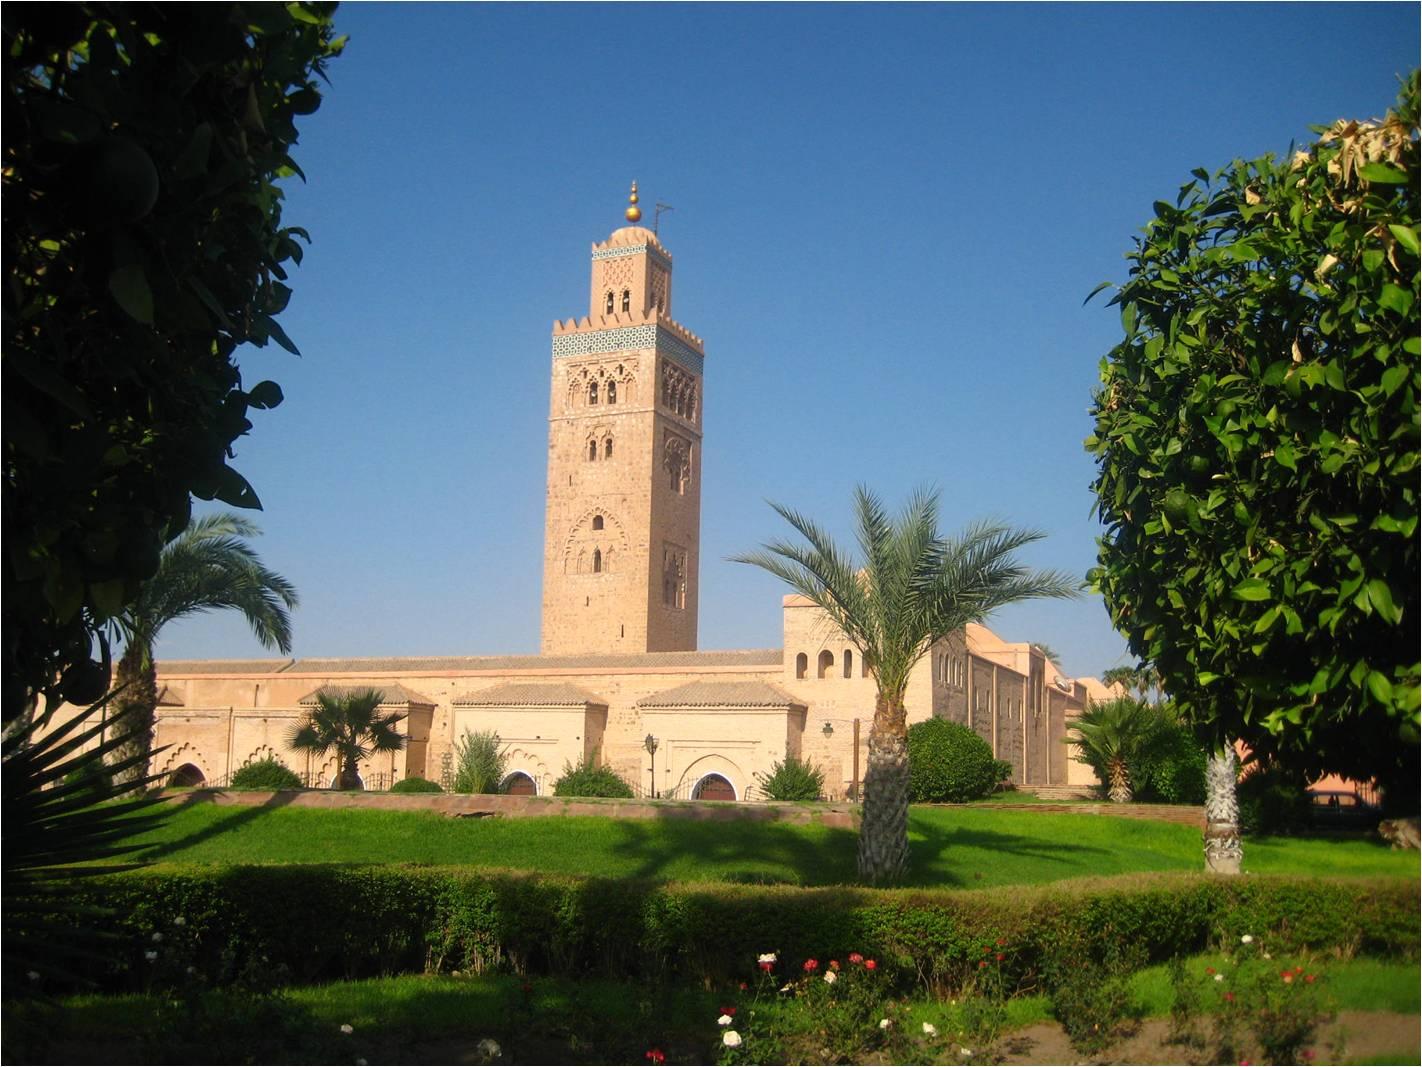 1Alexandra_Marrakech_Minaret.jpg